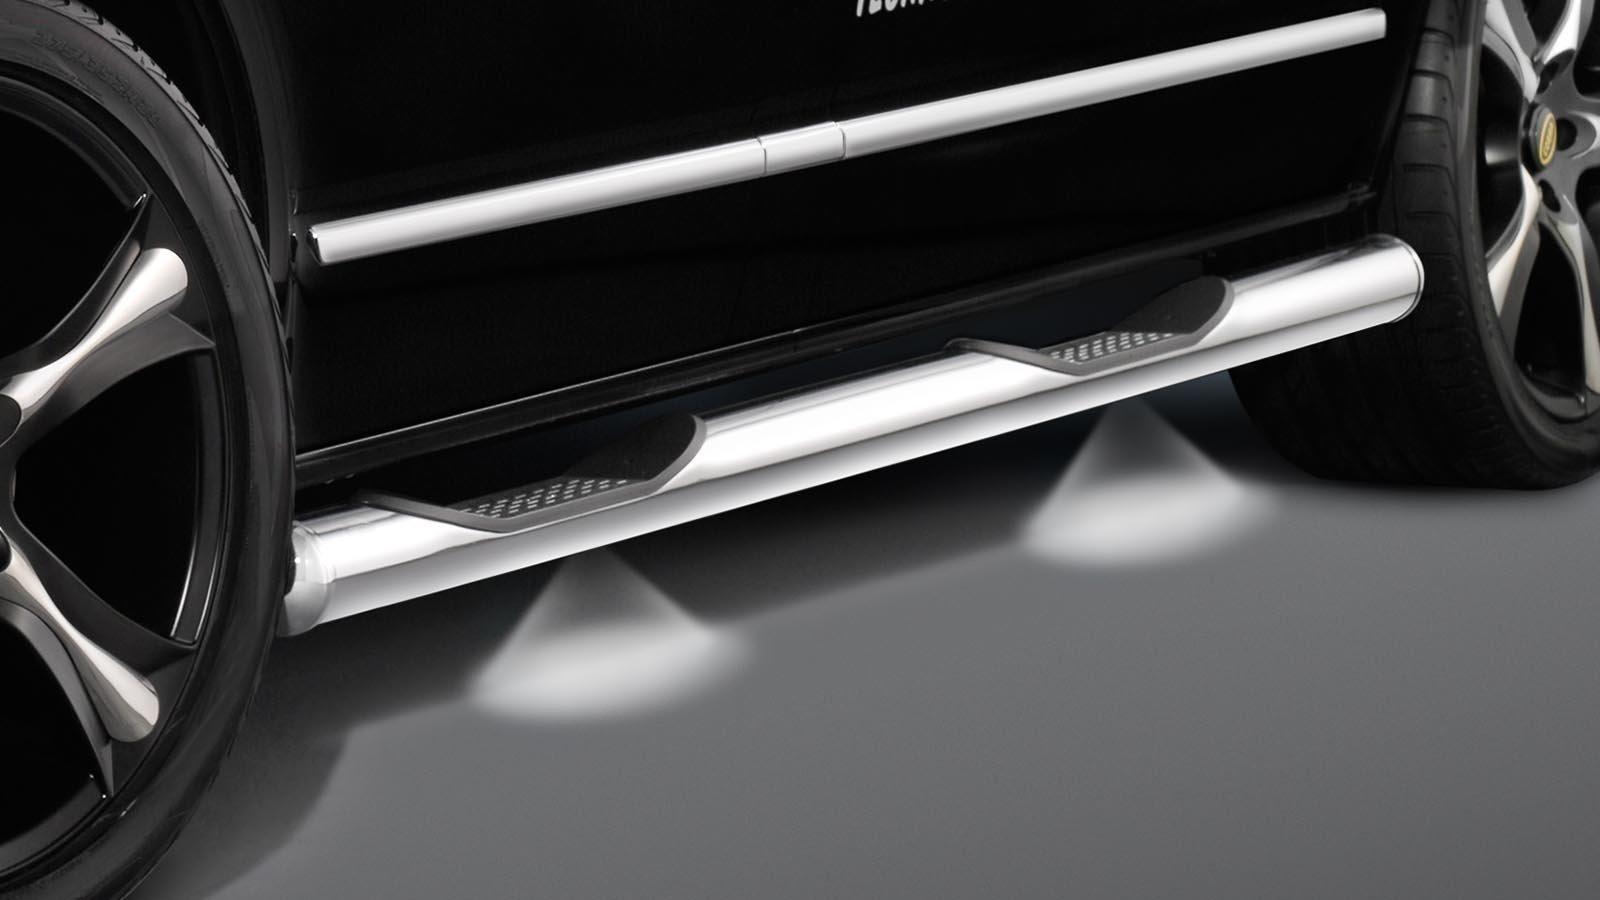 Vw Transporter T6 Side Bars With Led Lighting T6 Side